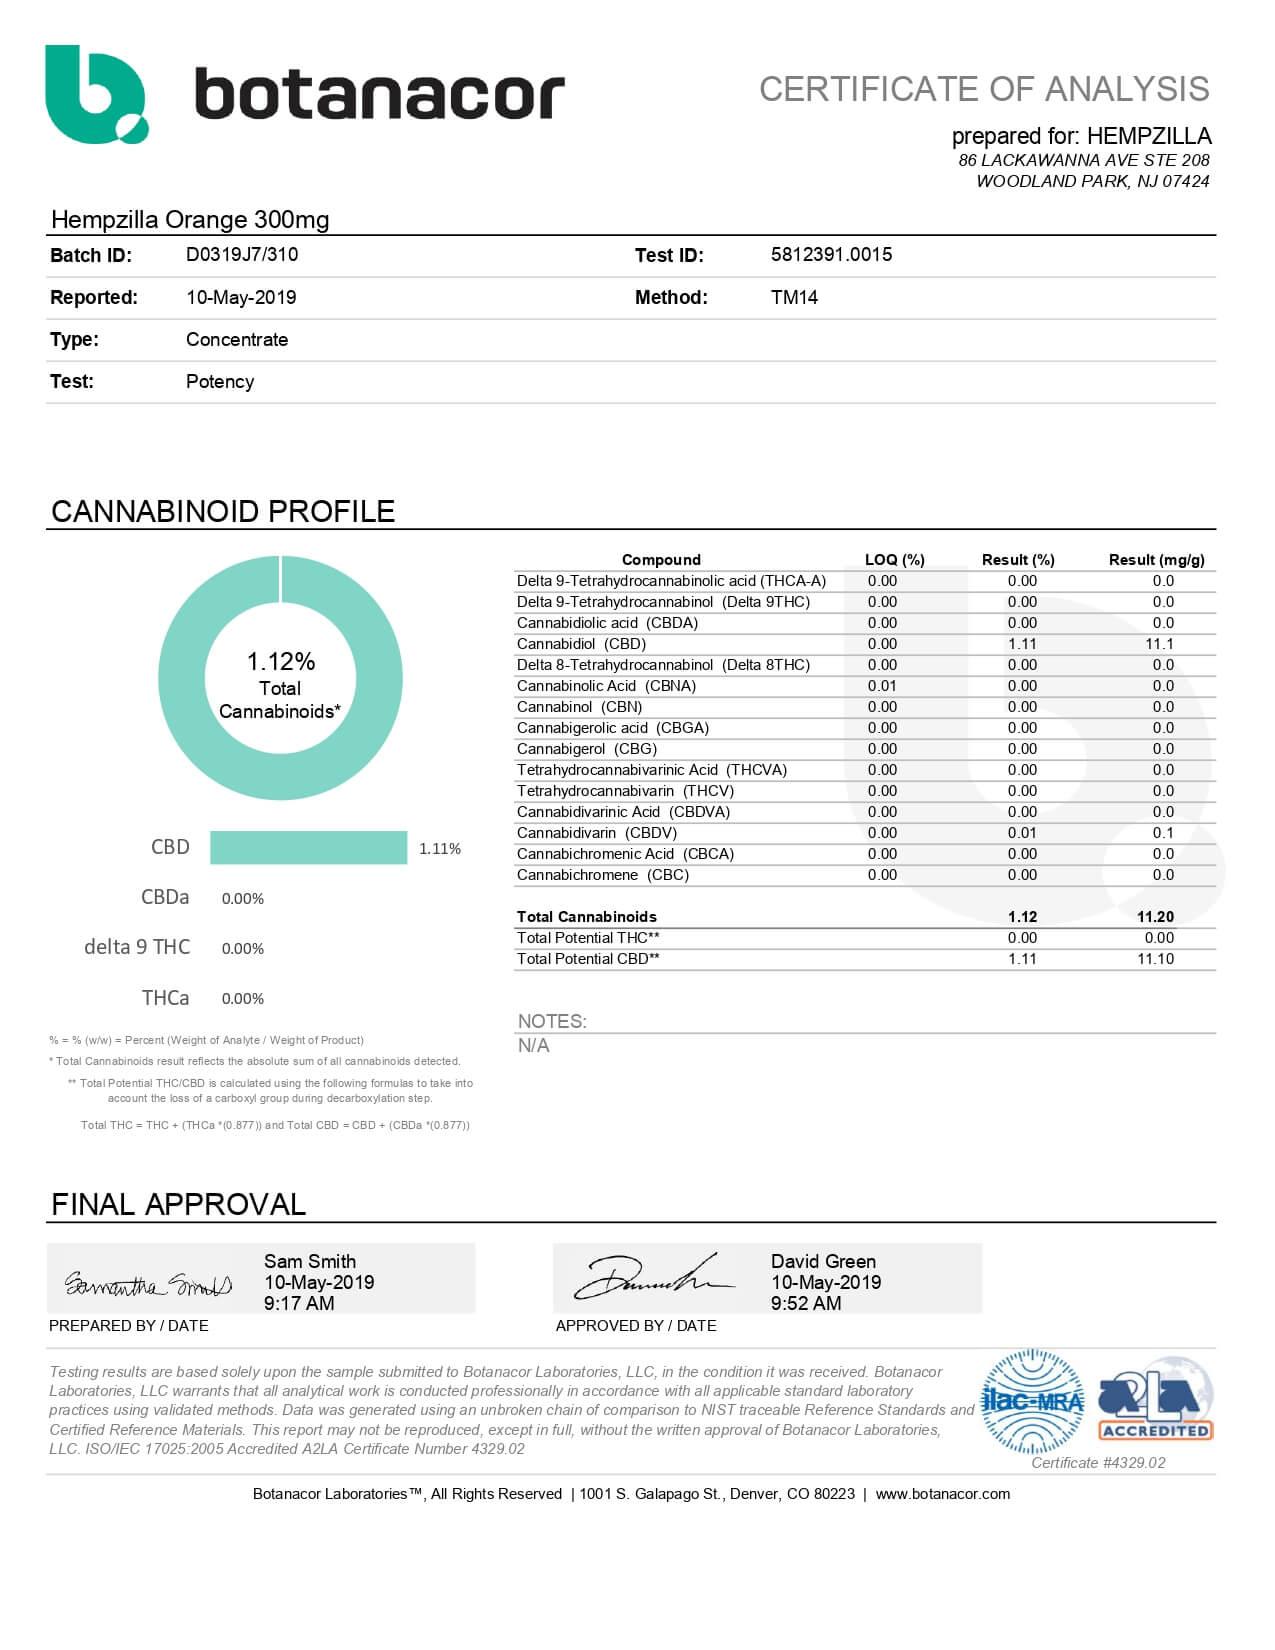 Hempzilla CBD Tincture Orange 300mg Lab Report